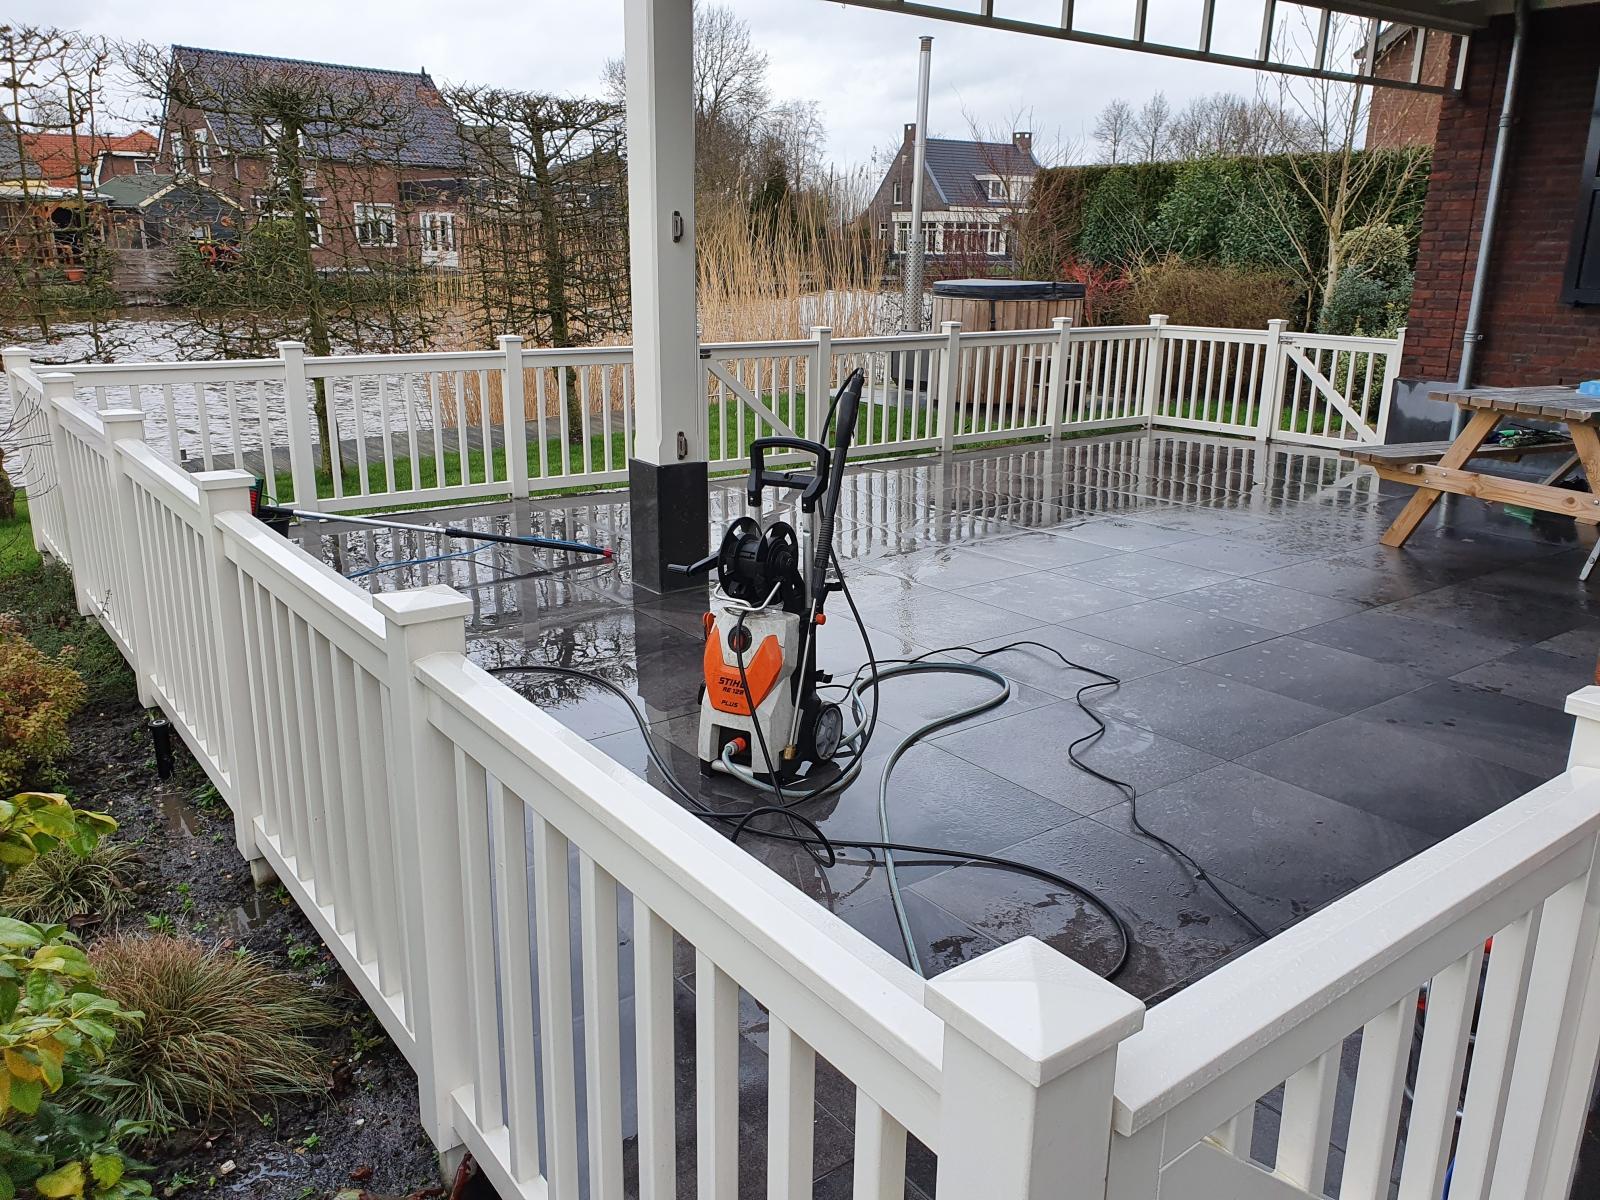 Houtwerk insoppen en dan afspuiten met een lichte waterstraal